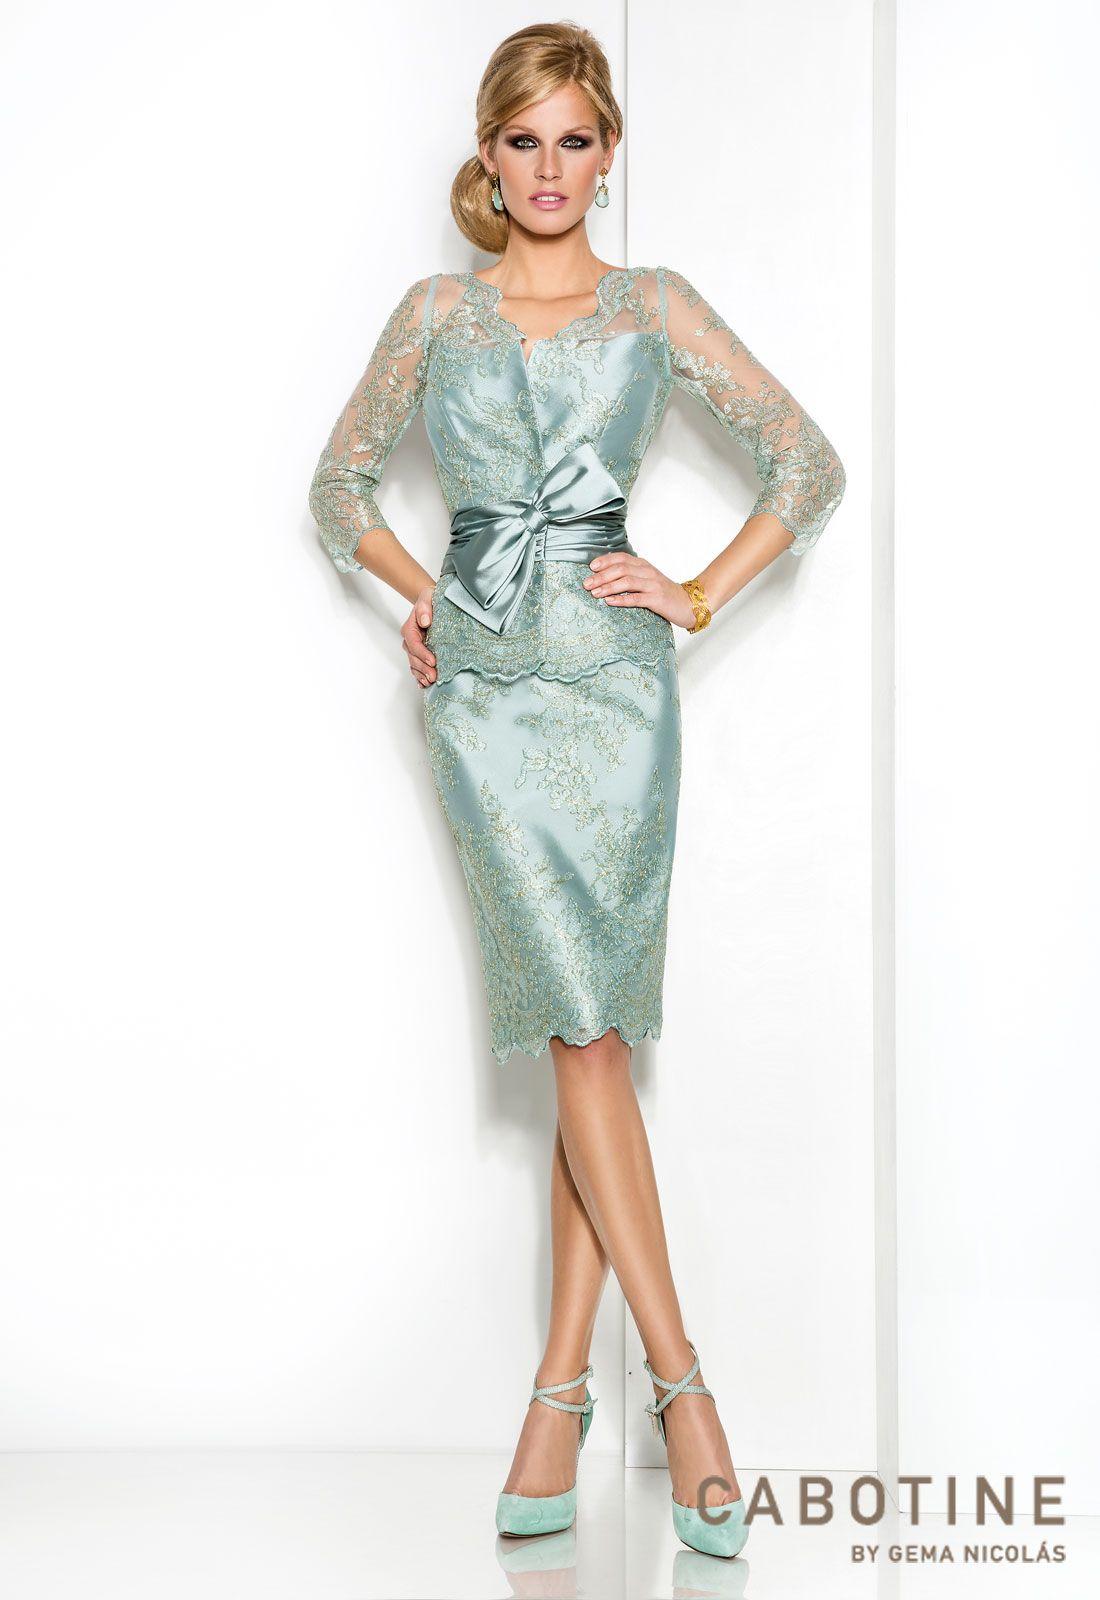 9b6a03b65 DONNA 6325 Conjunto vestido de madrina corto con chaqueta en mikado y  encaje de hilo metálico